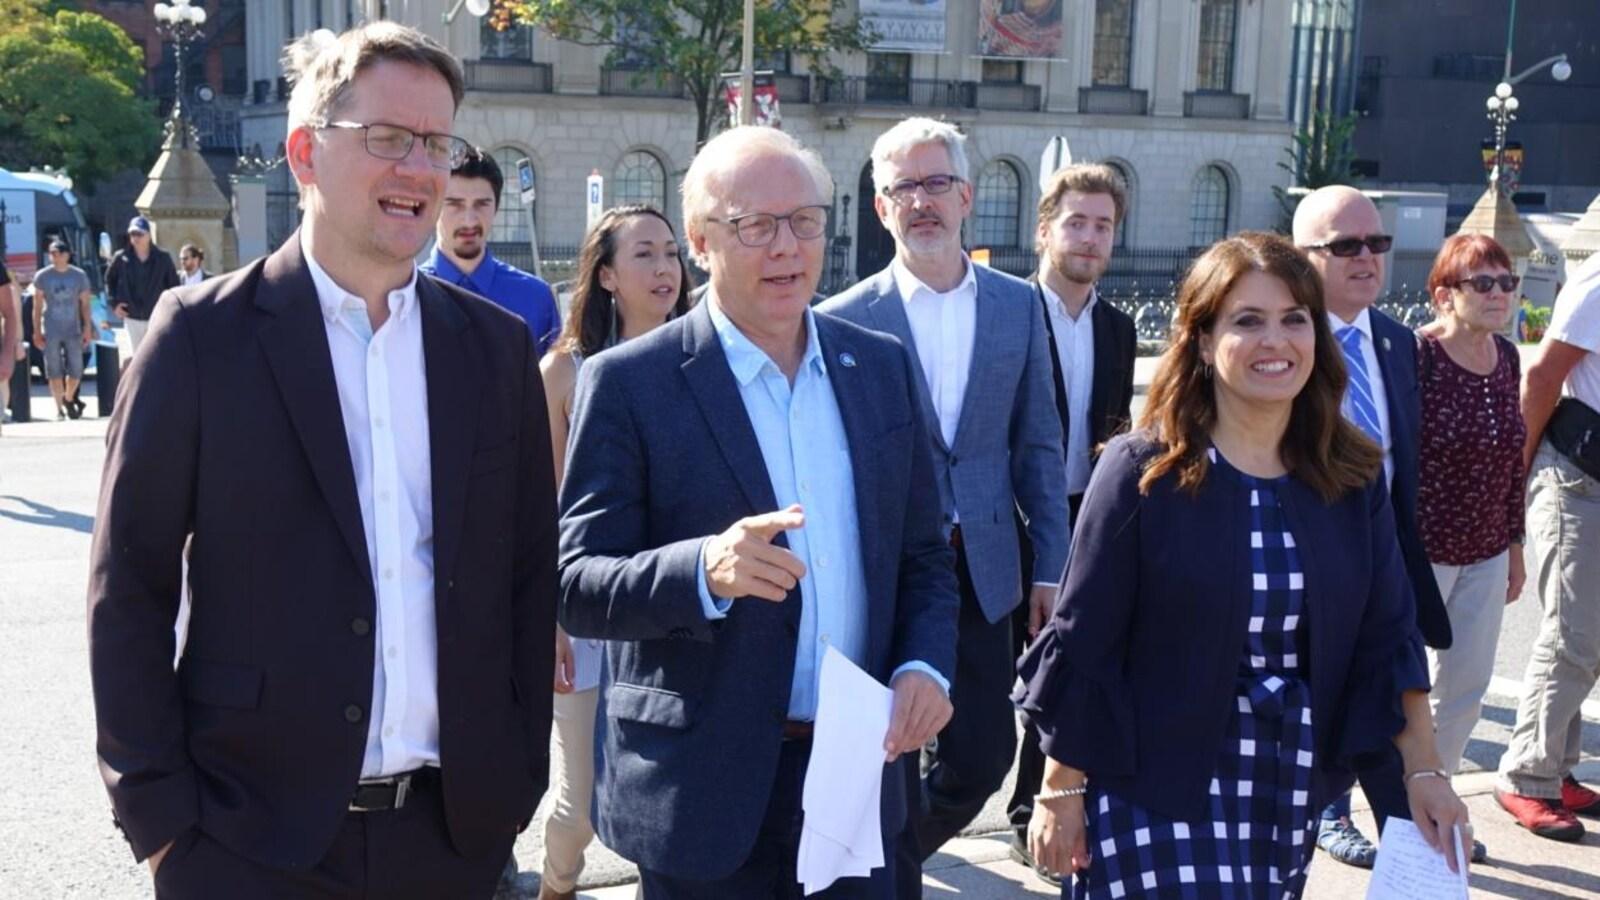 Jean-François Lisée marche en compagnie de Sylvain Gaudreault et de Véronique Hivon en direction du parlement à Ottawa.